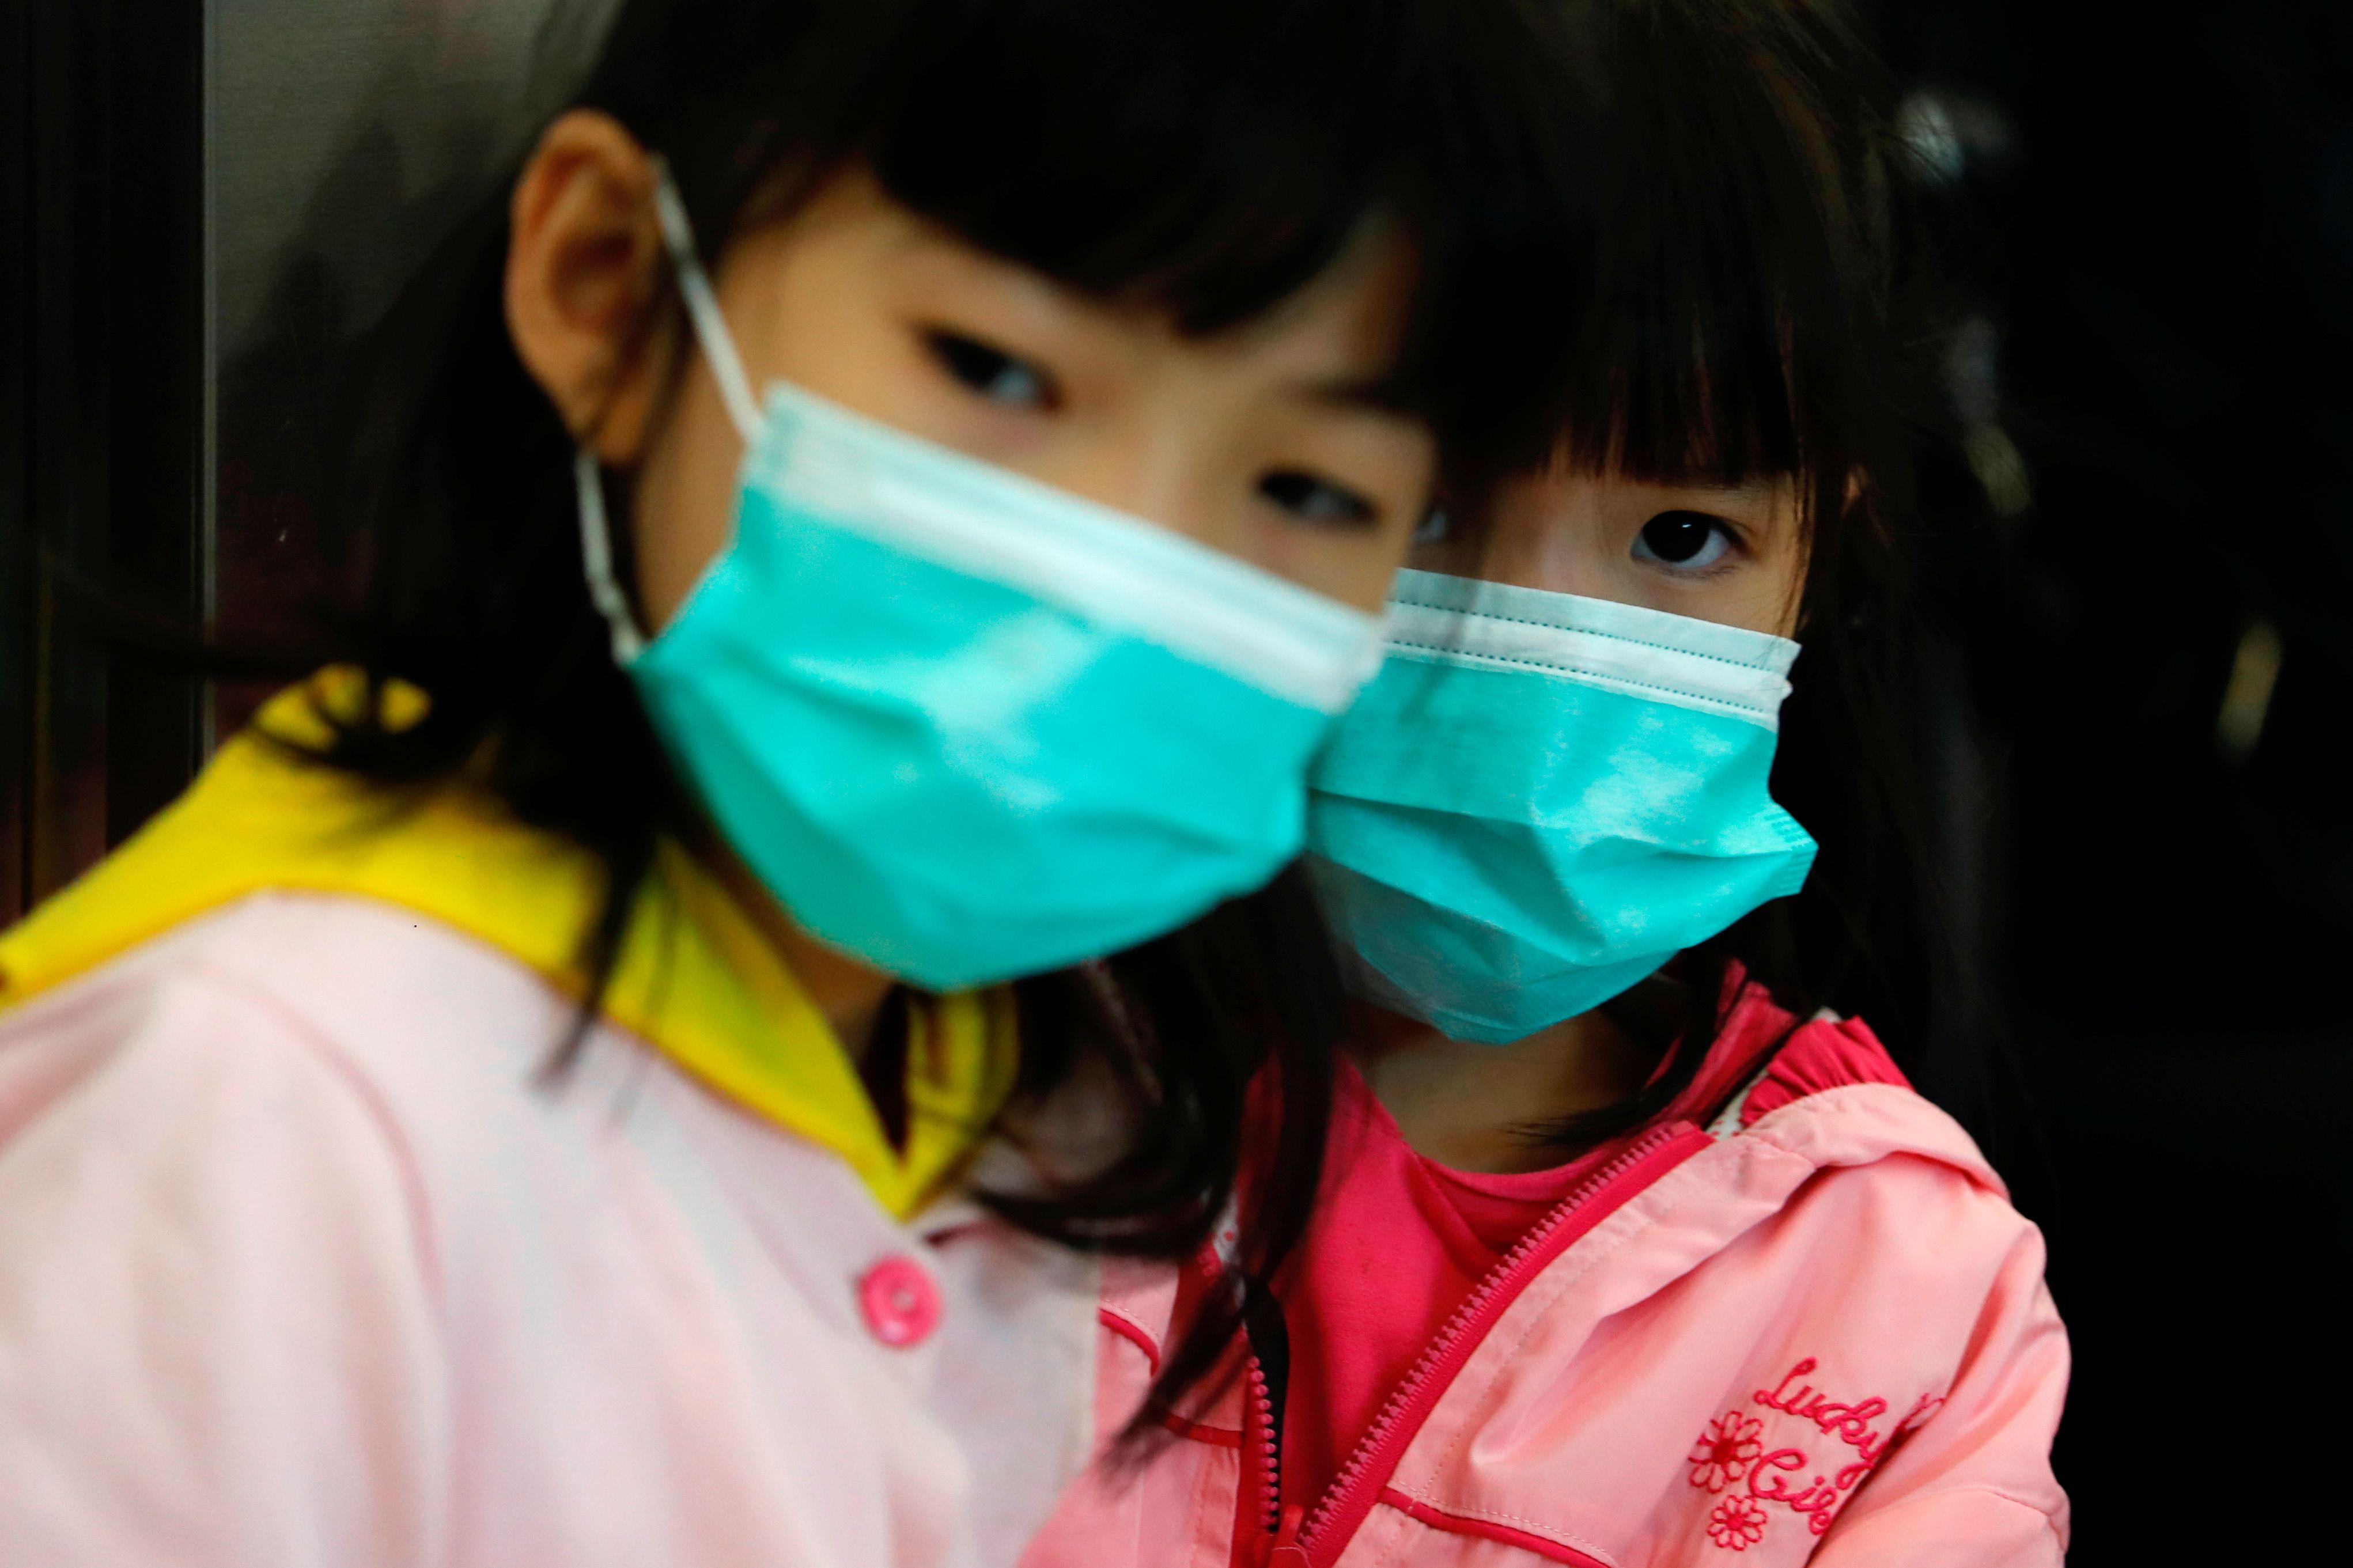 World Health Organization raises China-originated coronavirus global risk assessment to 'very high'